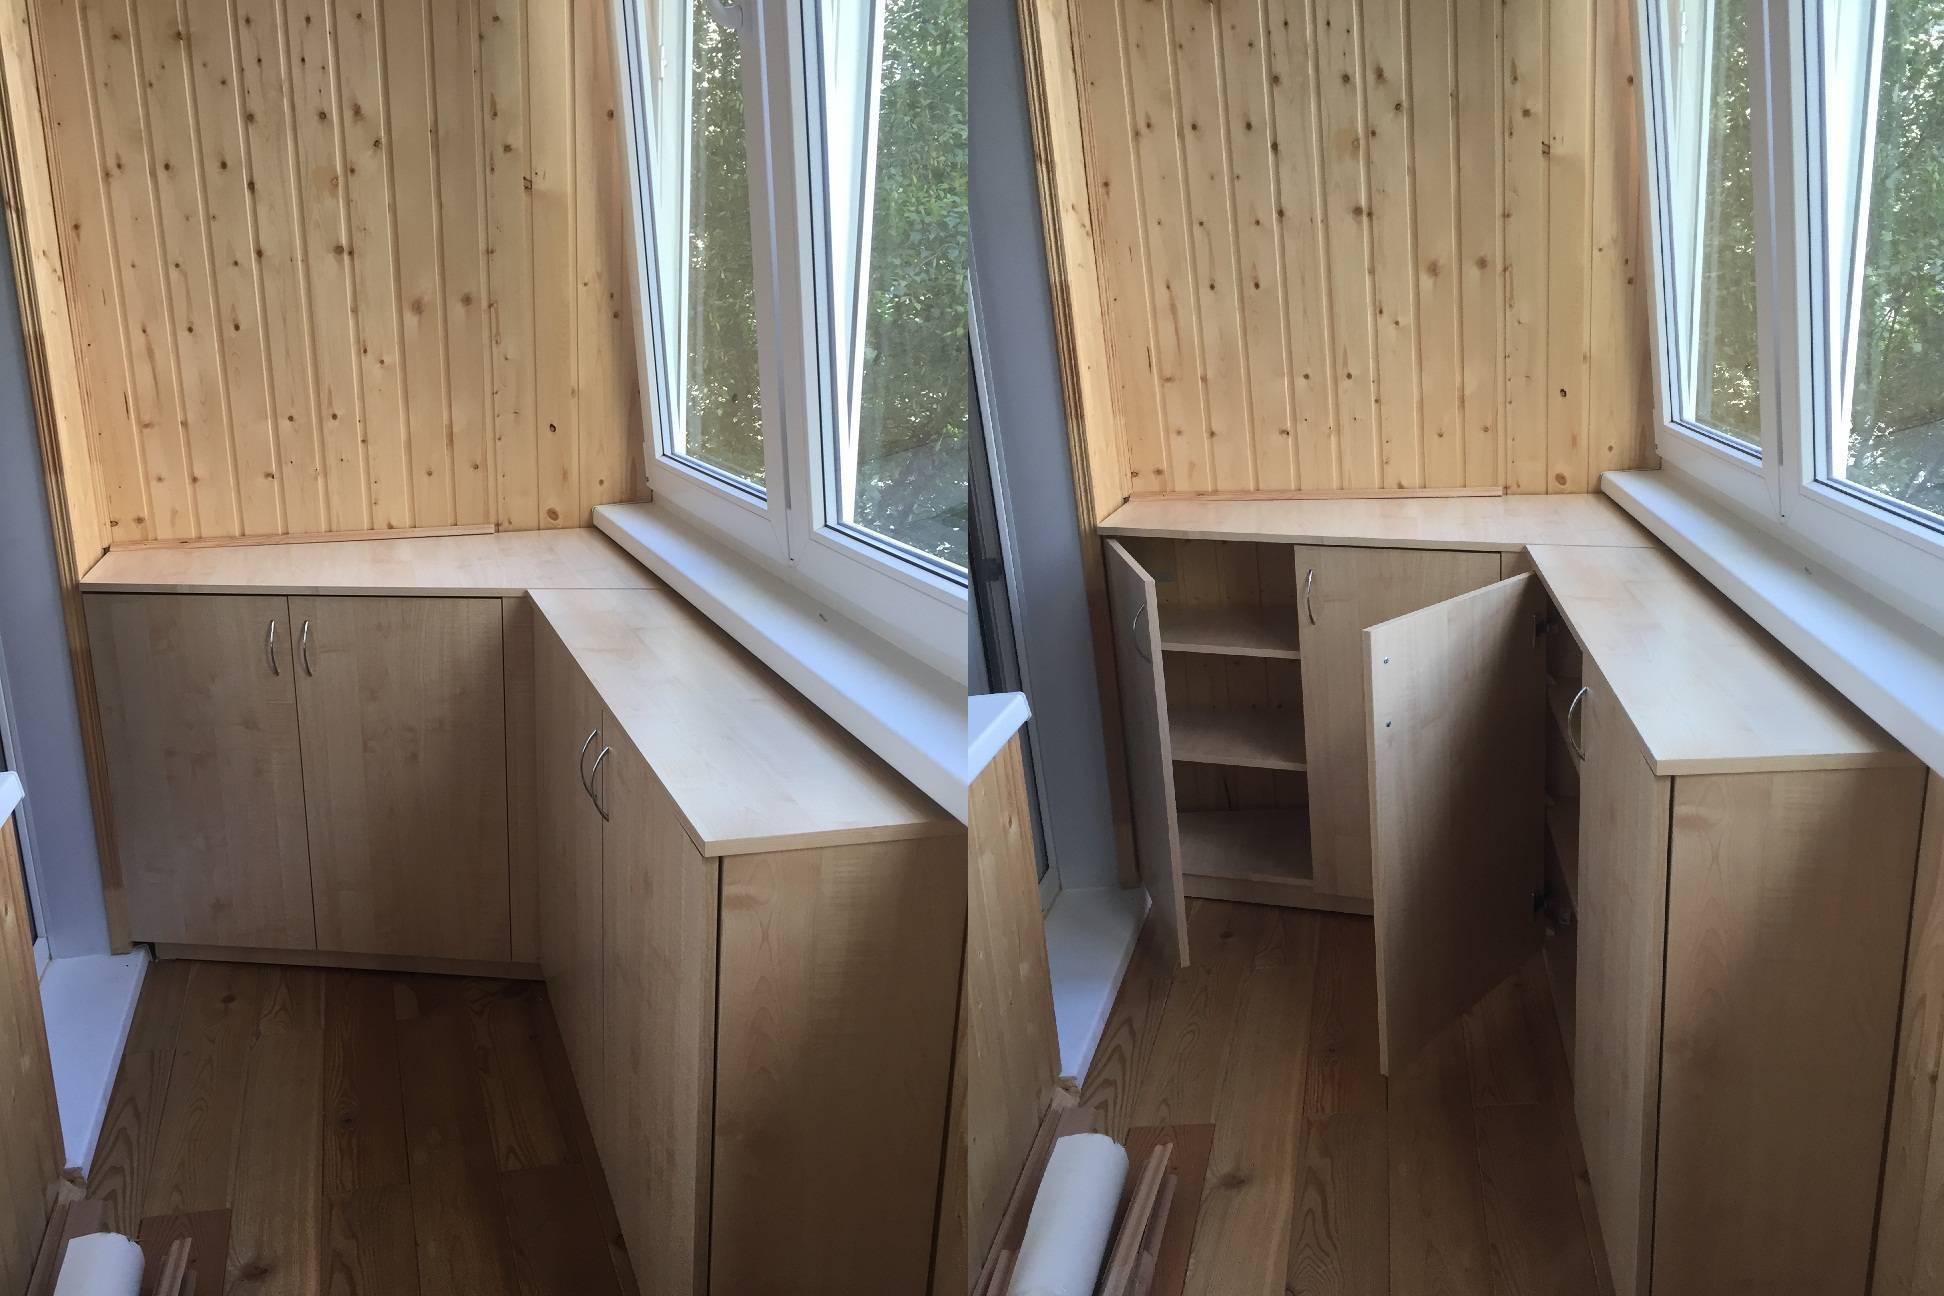 На балкон шкаф (92 фото): купе на лоджию, угловой и с рольставнями, пластиковый и из вагонки, своими руками и готовый для хранения вещей